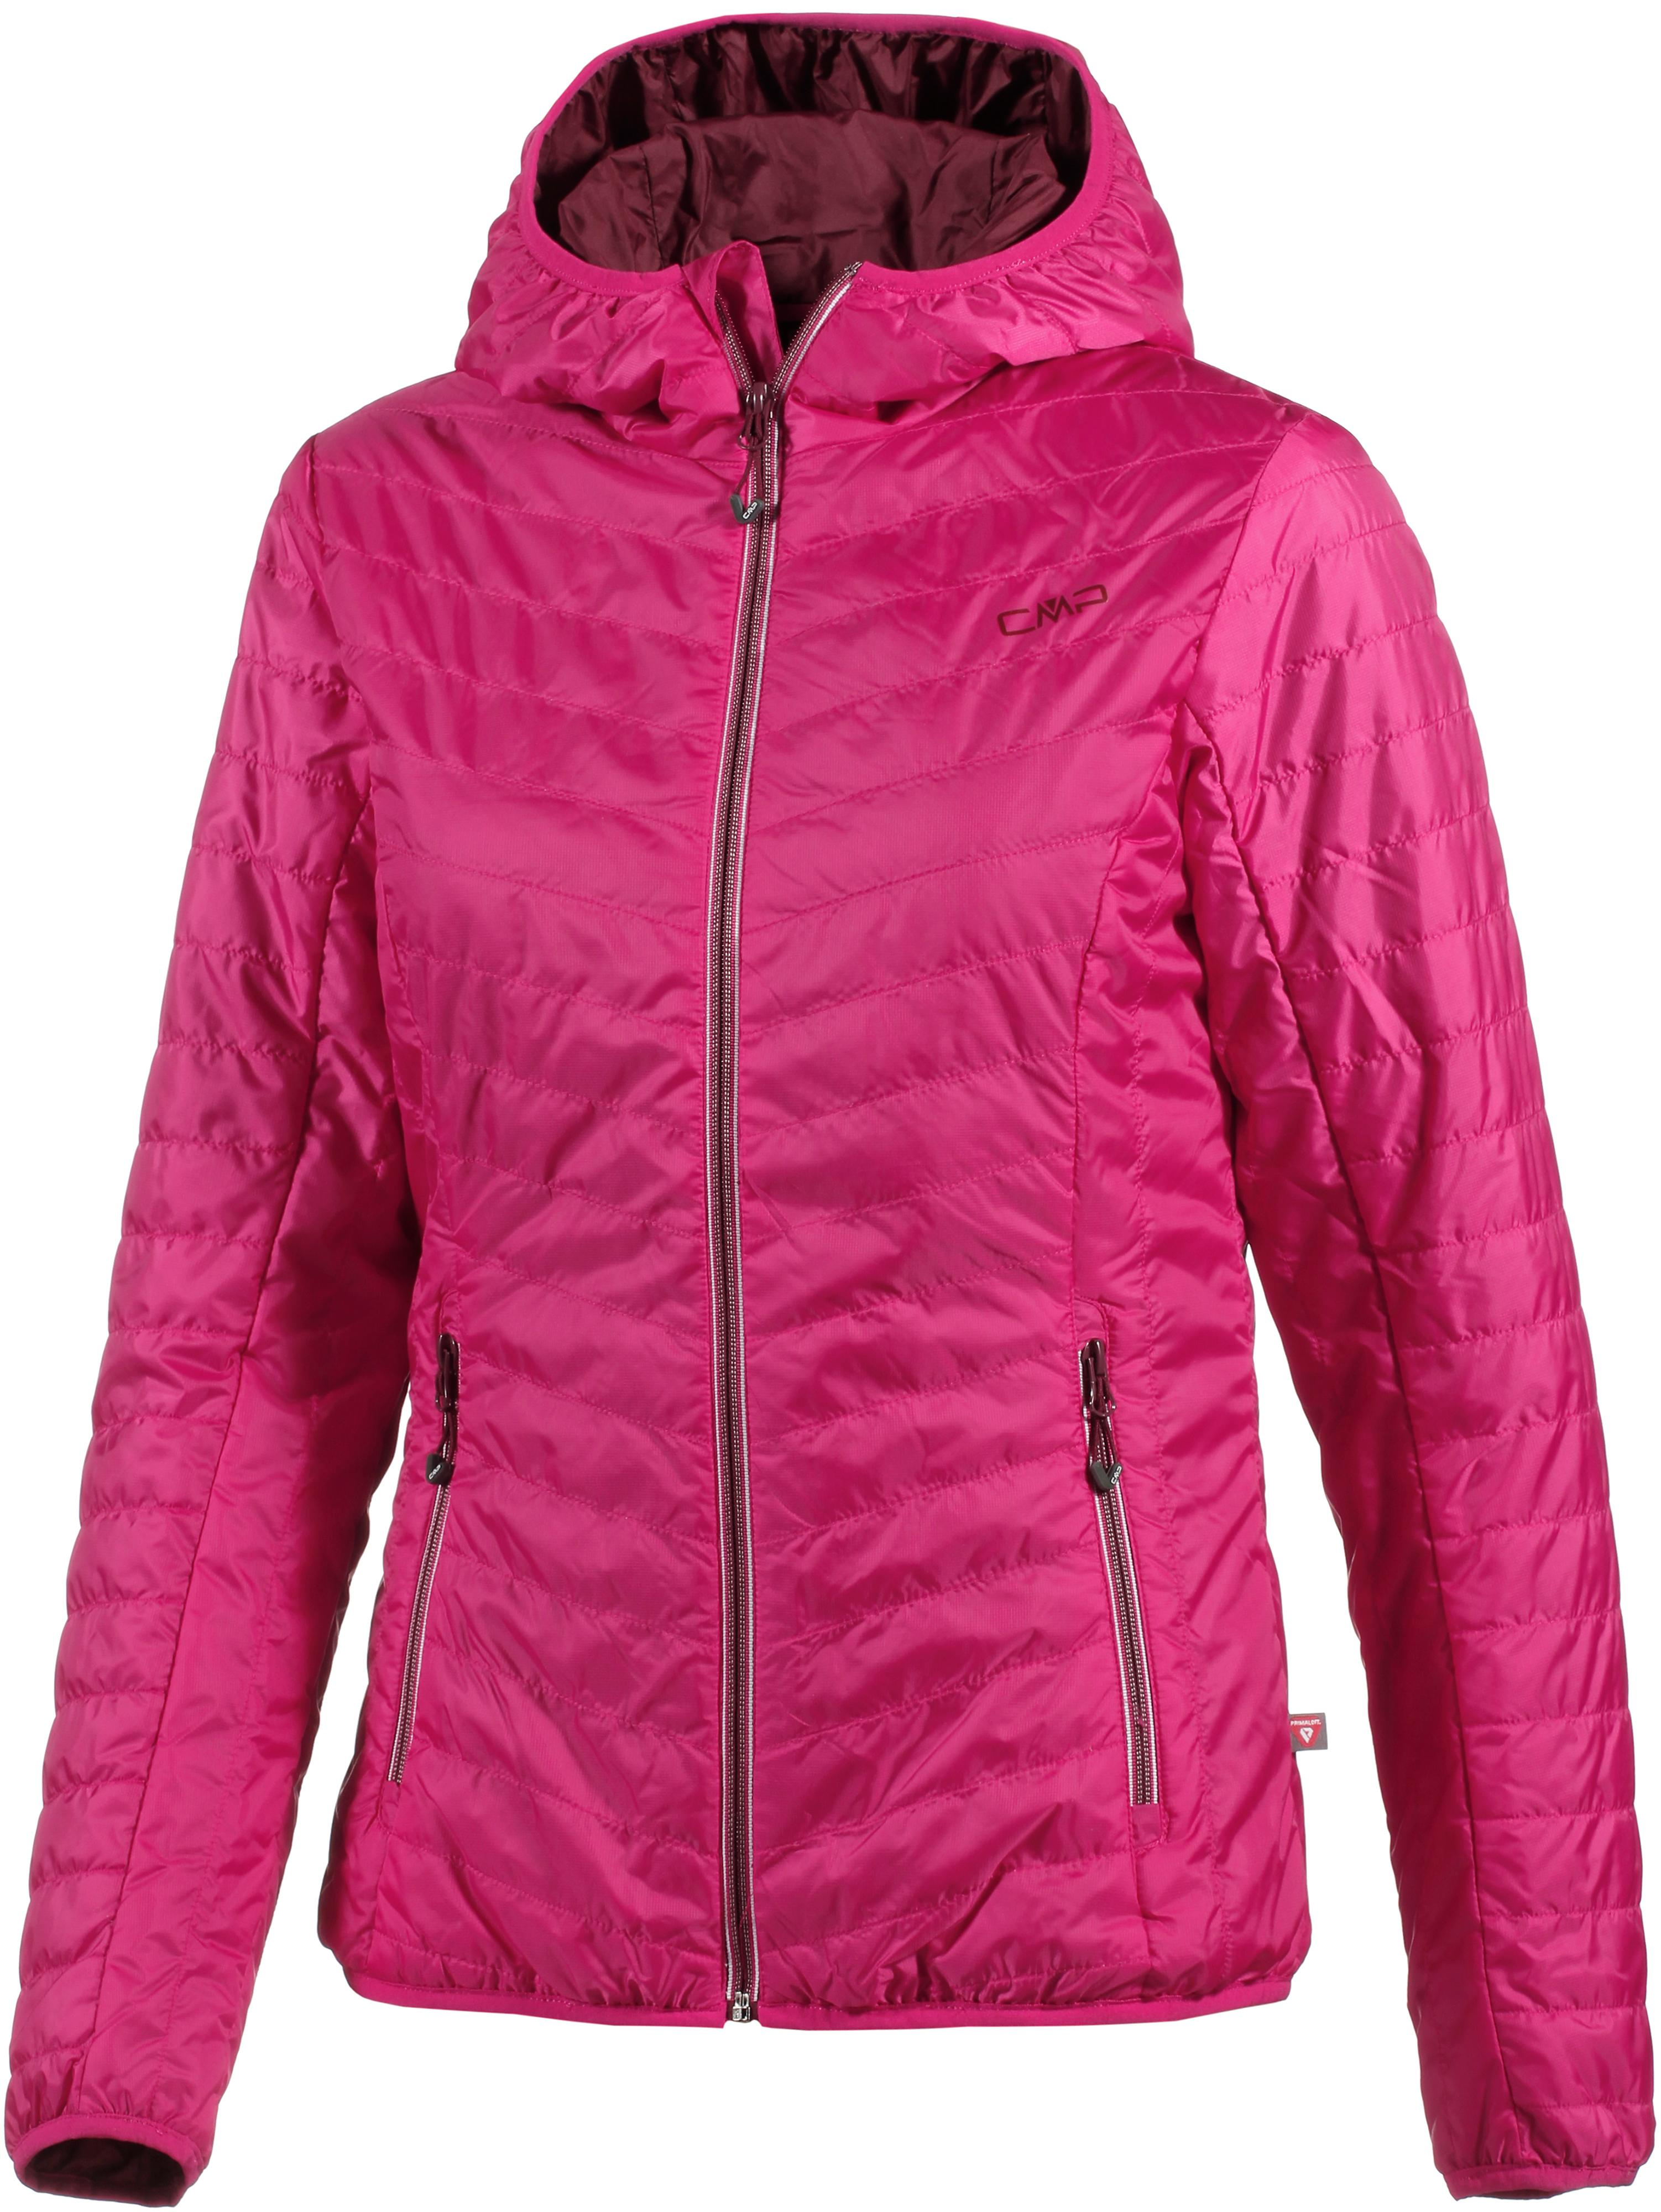 CMP Primaloft Kunstfaserjacke Damen pink im Online Shop von SportScheck kaufen